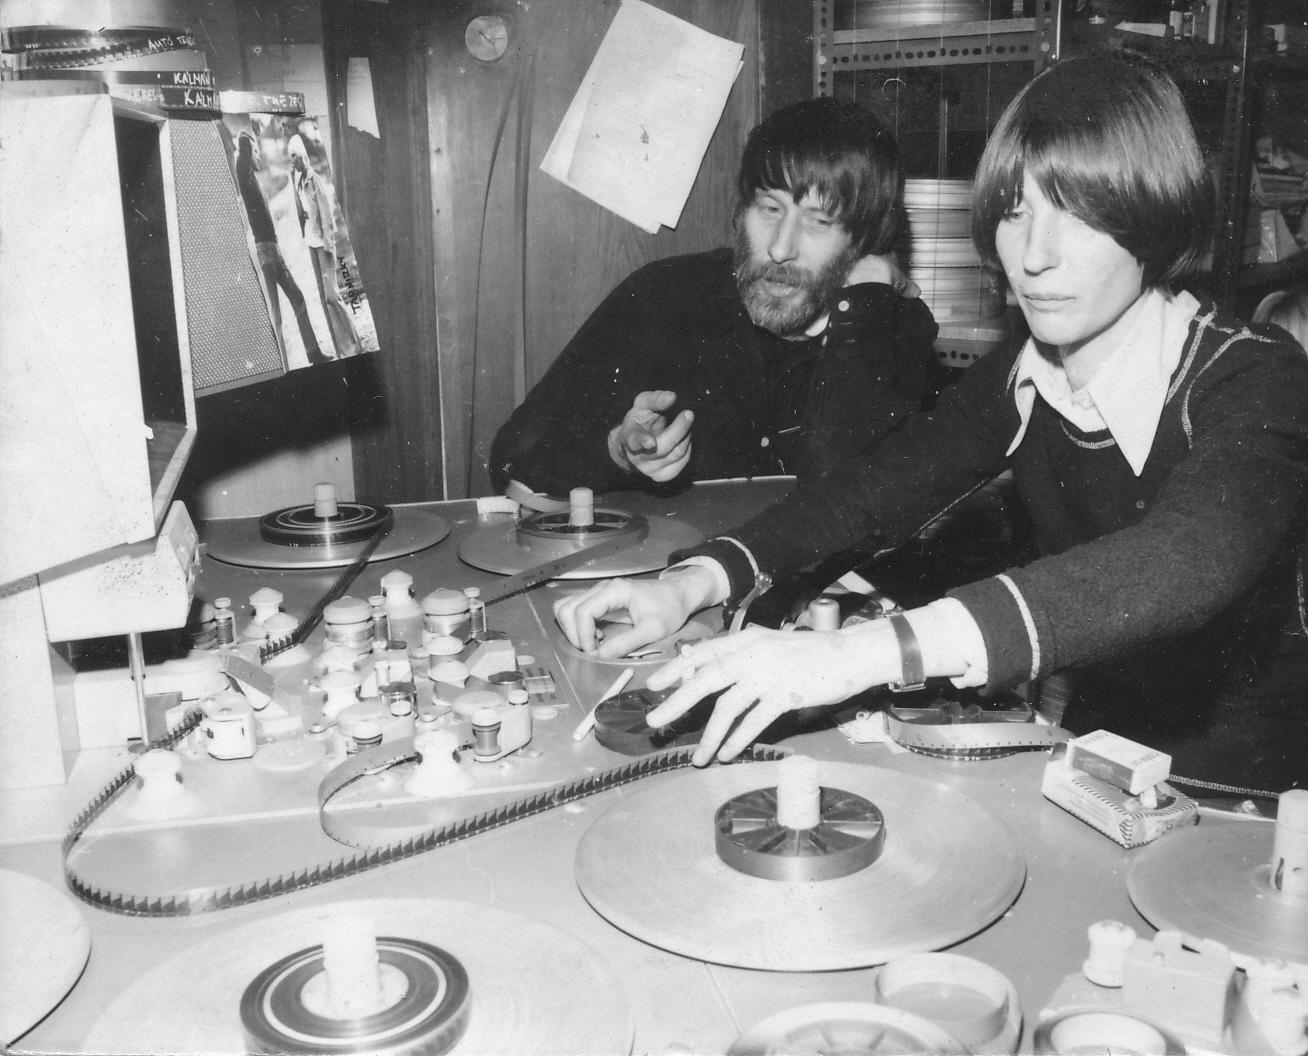 Dárday István és Szalai Györgyi - <em> Harcmodor </em> (Dárday István, Szalai Györgyi. 1980) a vágóasztalon, 1979 január